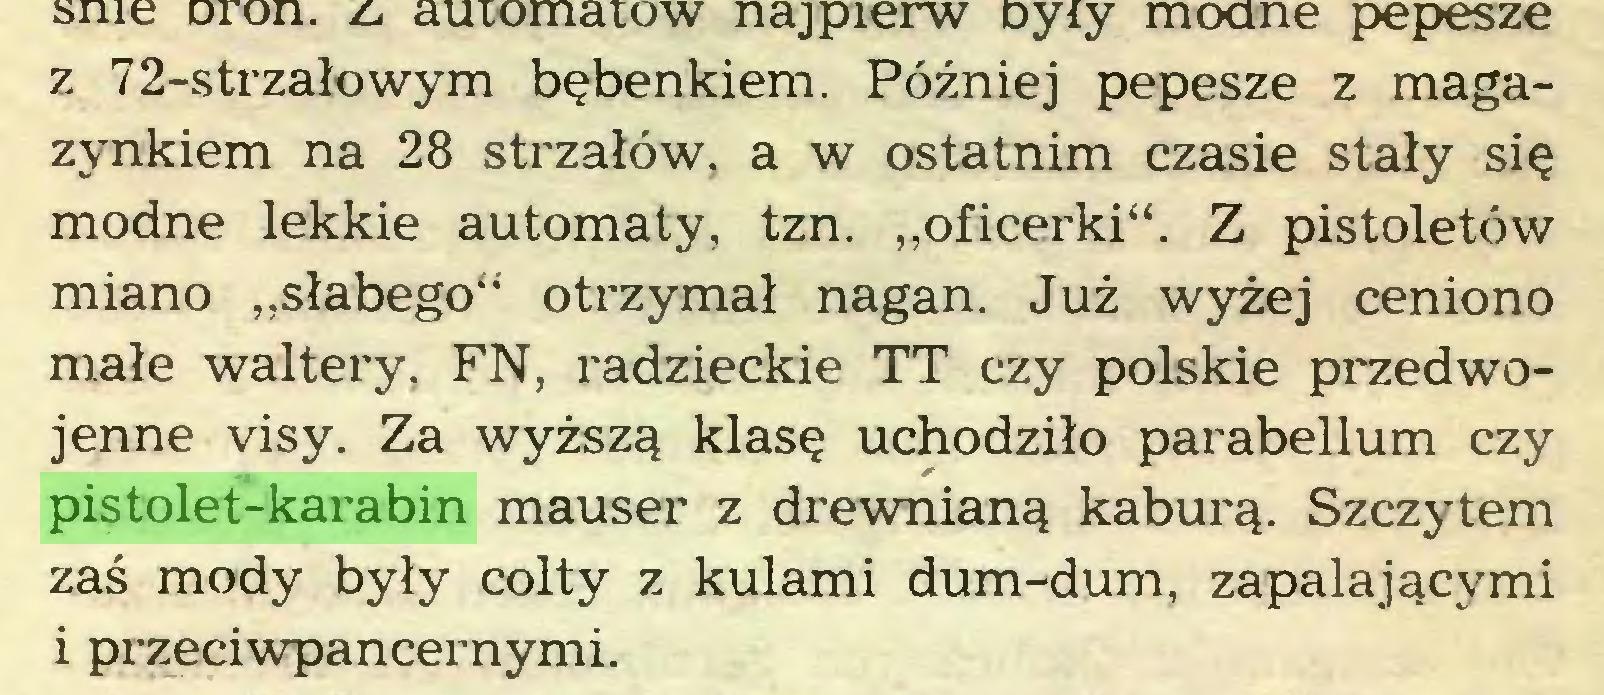 """(...) z 72-strzałowym bębenkiem. Później pepesze z magazynkiem na 28 strzałów, a w ostatnim czasie stały się modne lekkie automaty, tzn. """"oficerki"""". Z pistoletów miano """"słabego"""" otrzymał nagan. Już wyżej ceniono małe waltery, FN, radzieckie TT czy polskie przedwojenne visy. Za wyższą klasę uchodziło parabellum czy pistolet-karabin mauser z drewnianą kaburą. Szczytem zaś mody były colty z kulami dum-dum, zapalającymi i przeciwpancernymi..."""